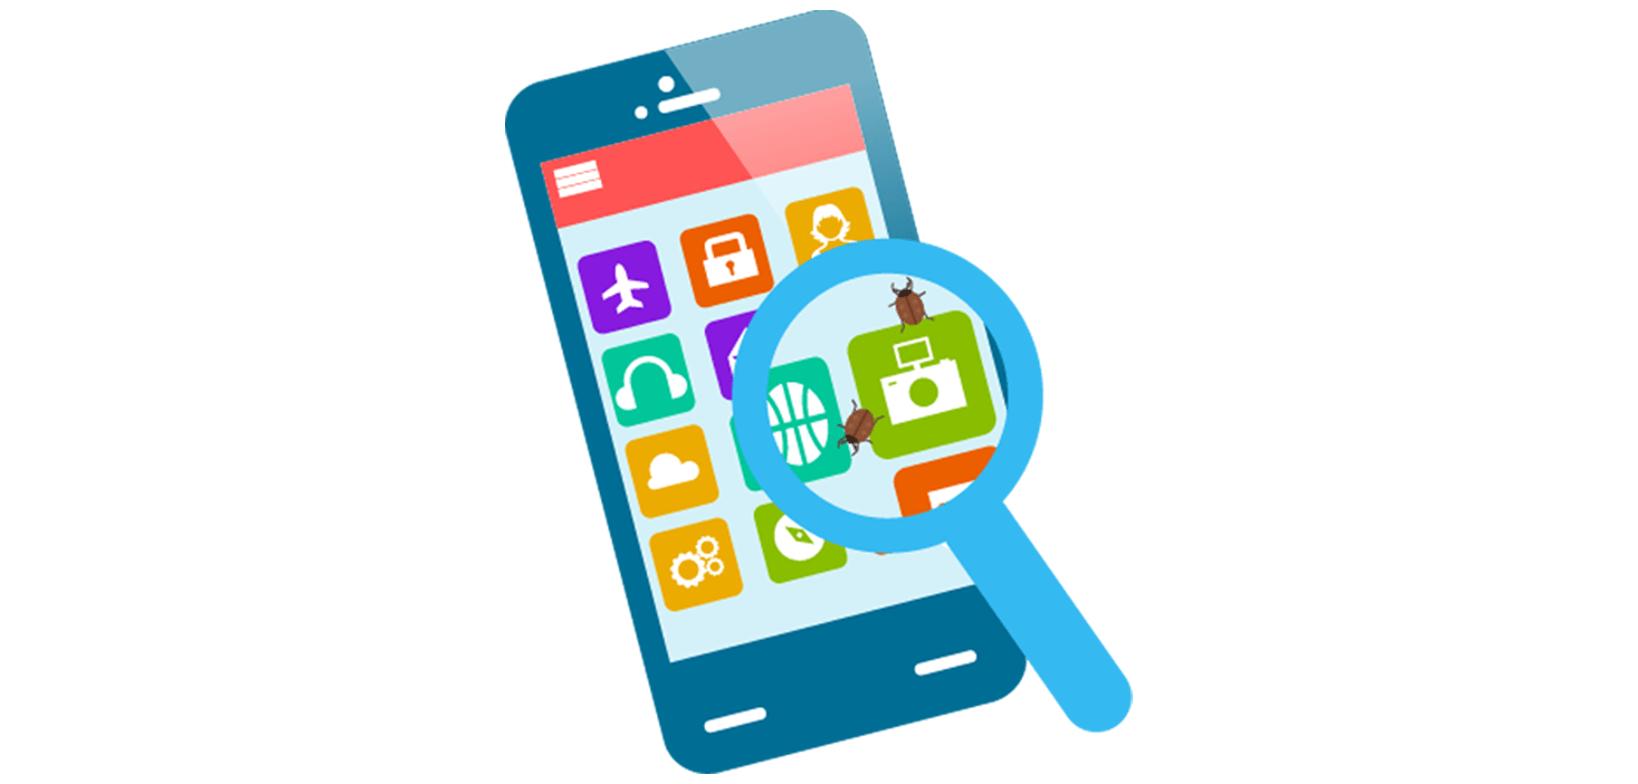 App mobile là phần mềm thiết kế sử dụng trên thiết bị di động